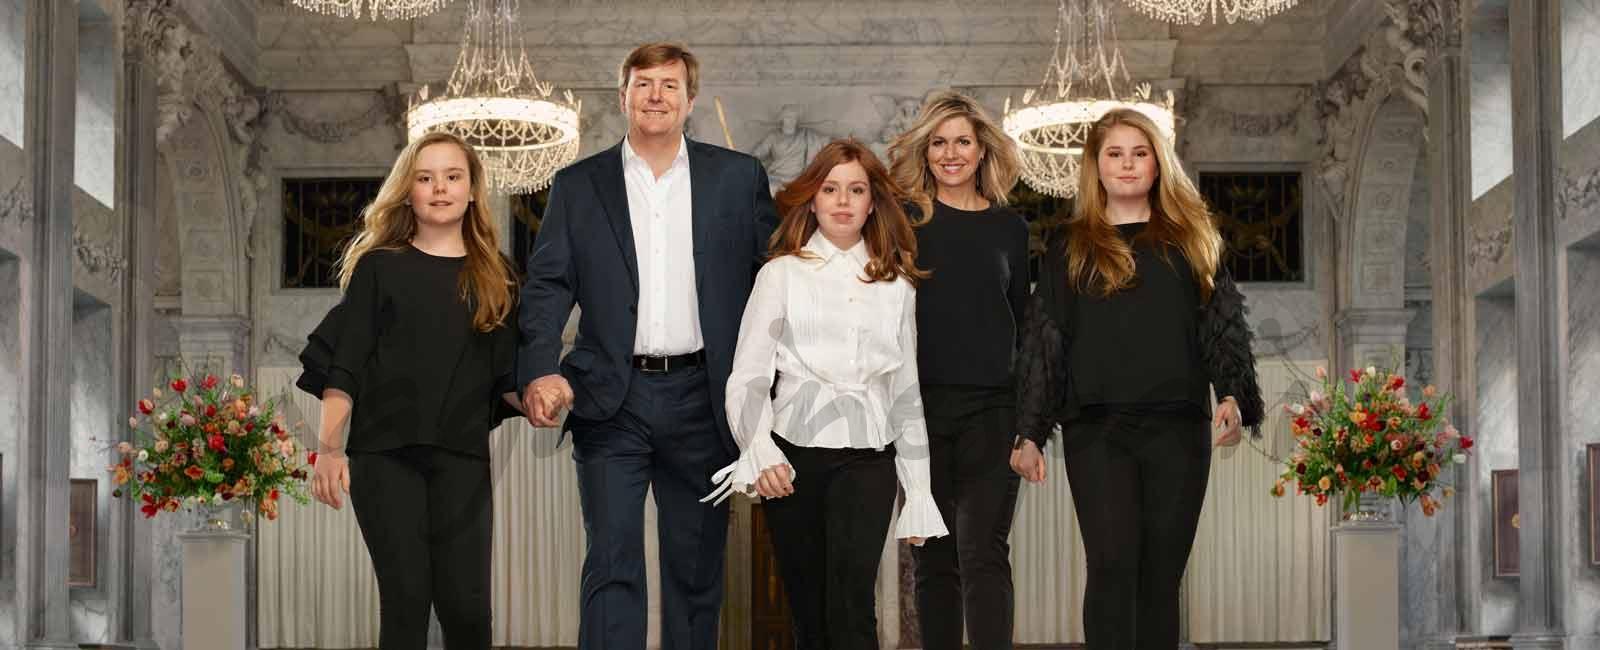 El original posado de los Reyes de Holanda y sus hijas